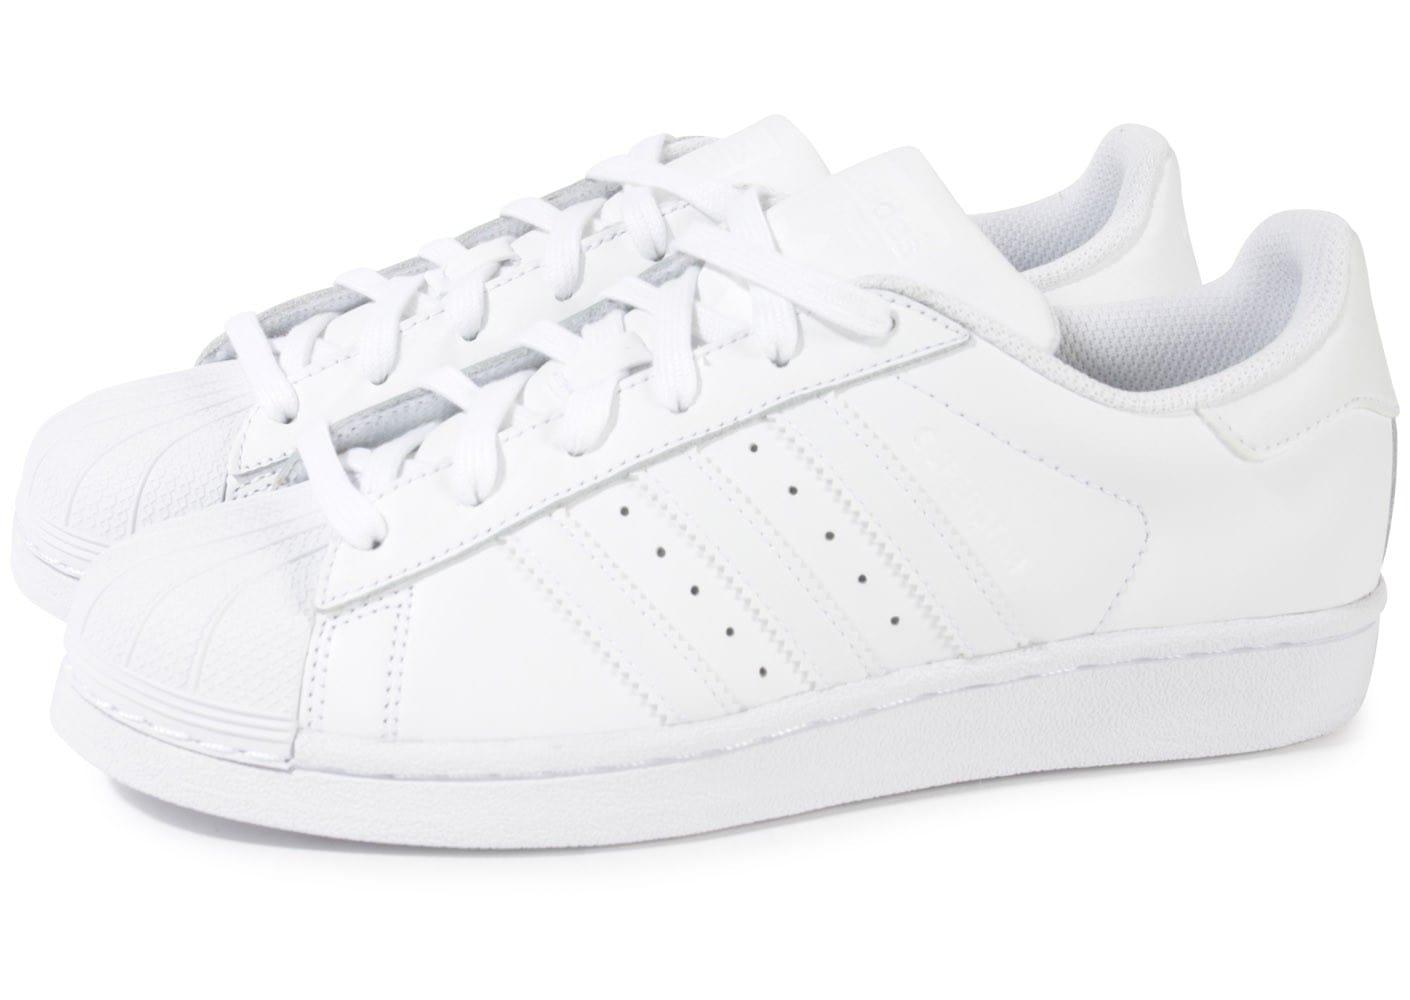 meilleur authentique 96054 33960 chaussure adidas superstar blanche